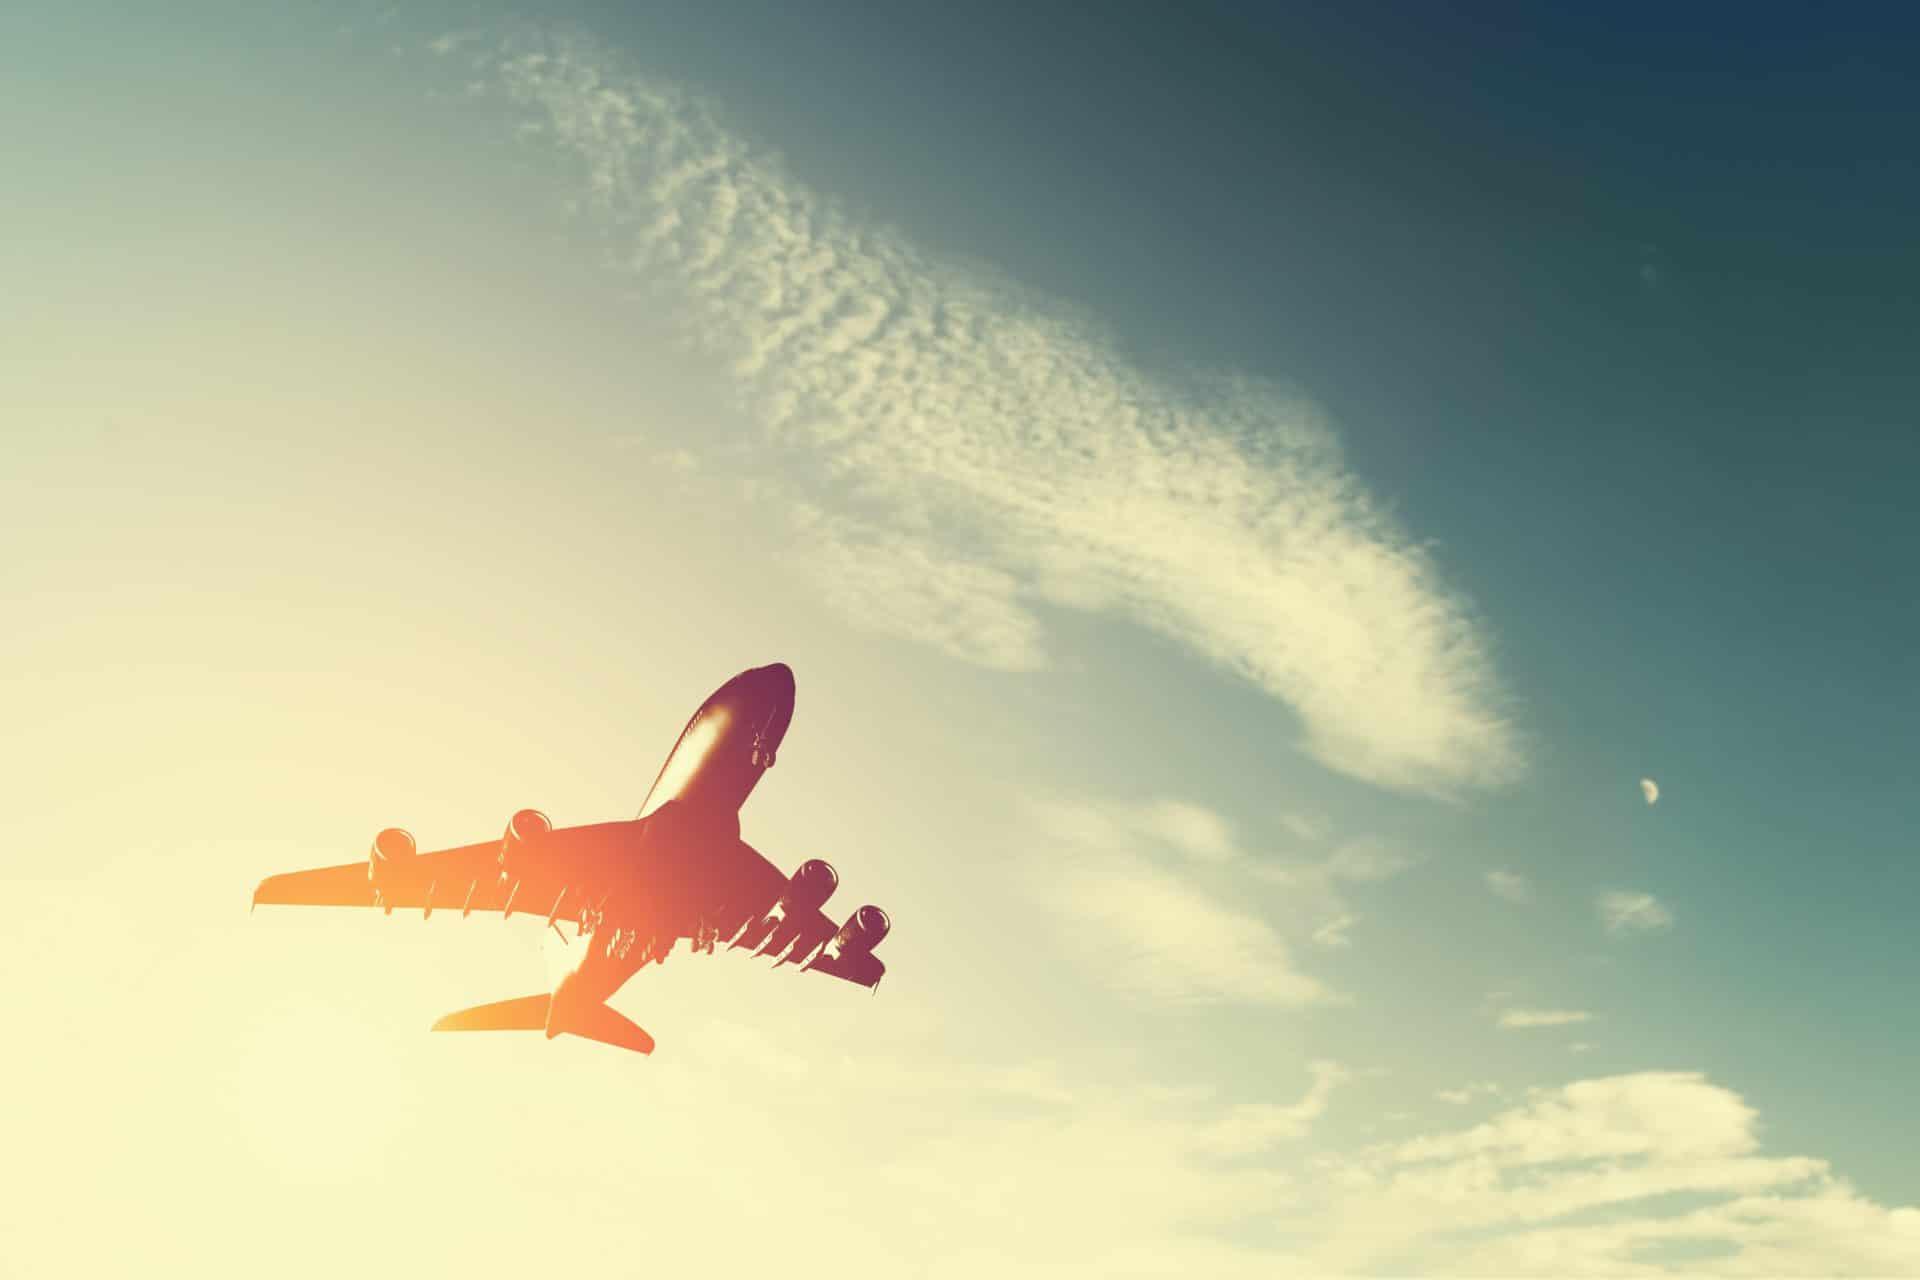 BSS cloud: Will it take off?